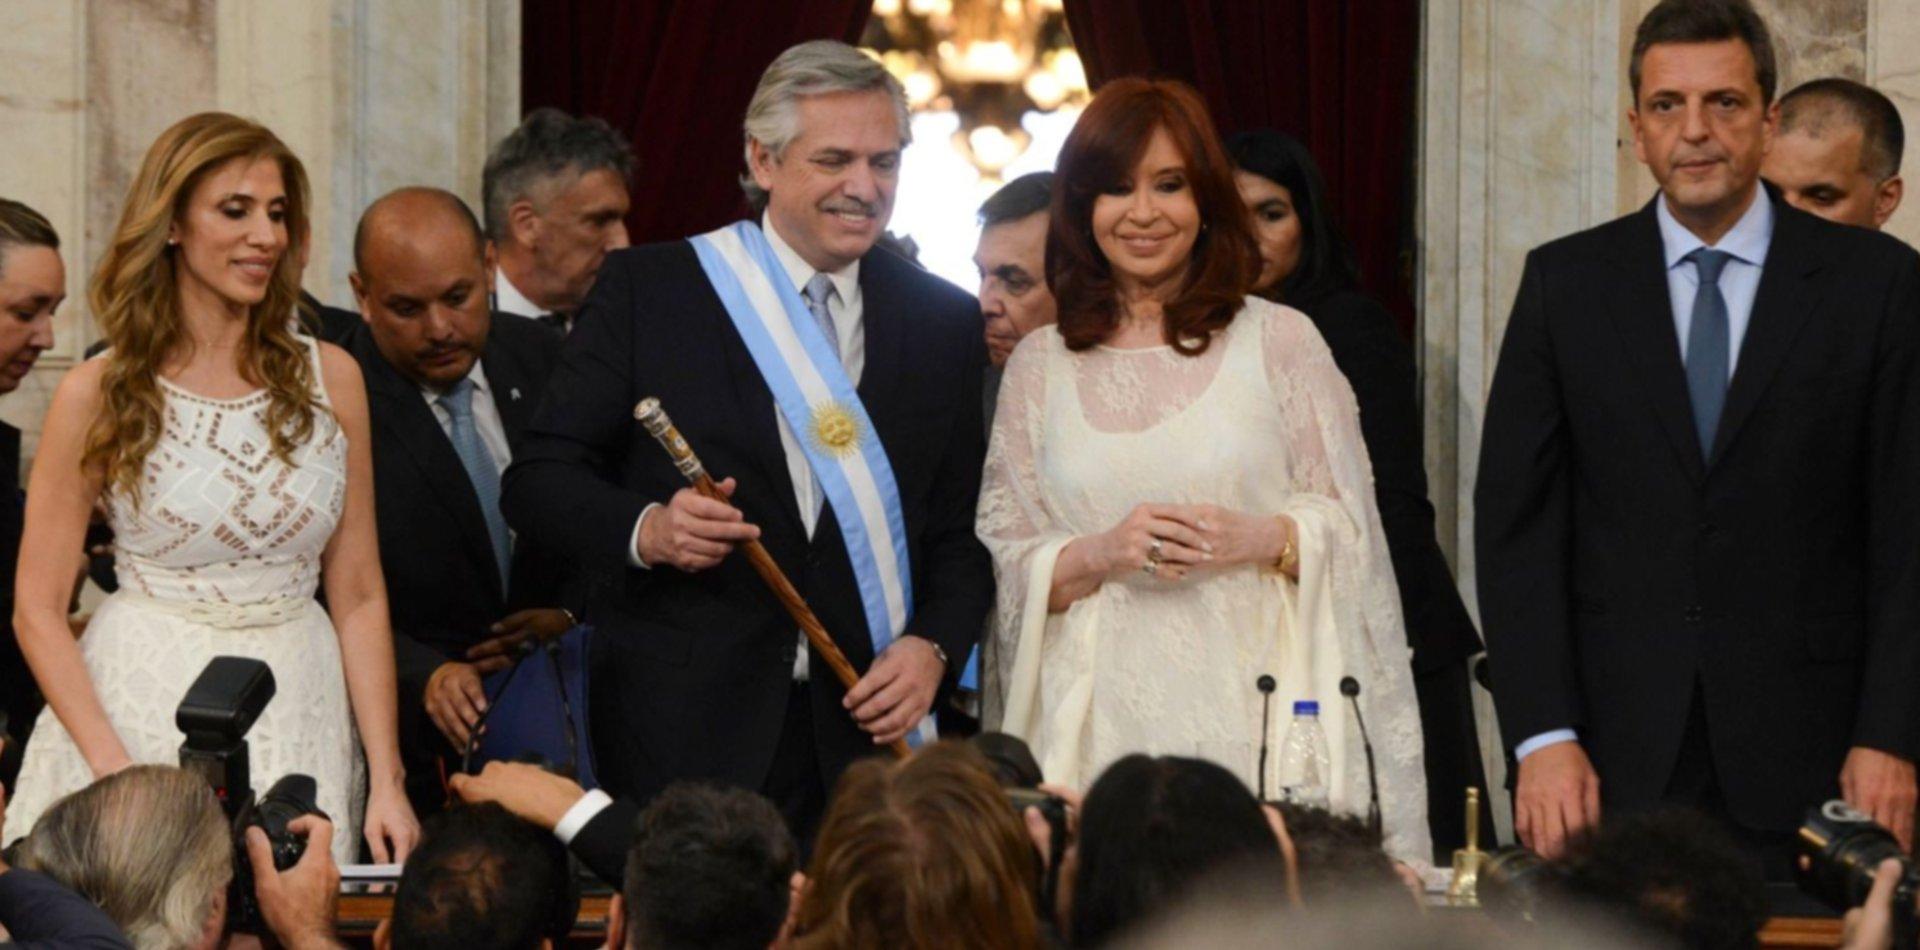 Alberto Fernández y Cristina Kirchner juraron como presidente y vice de la Nación